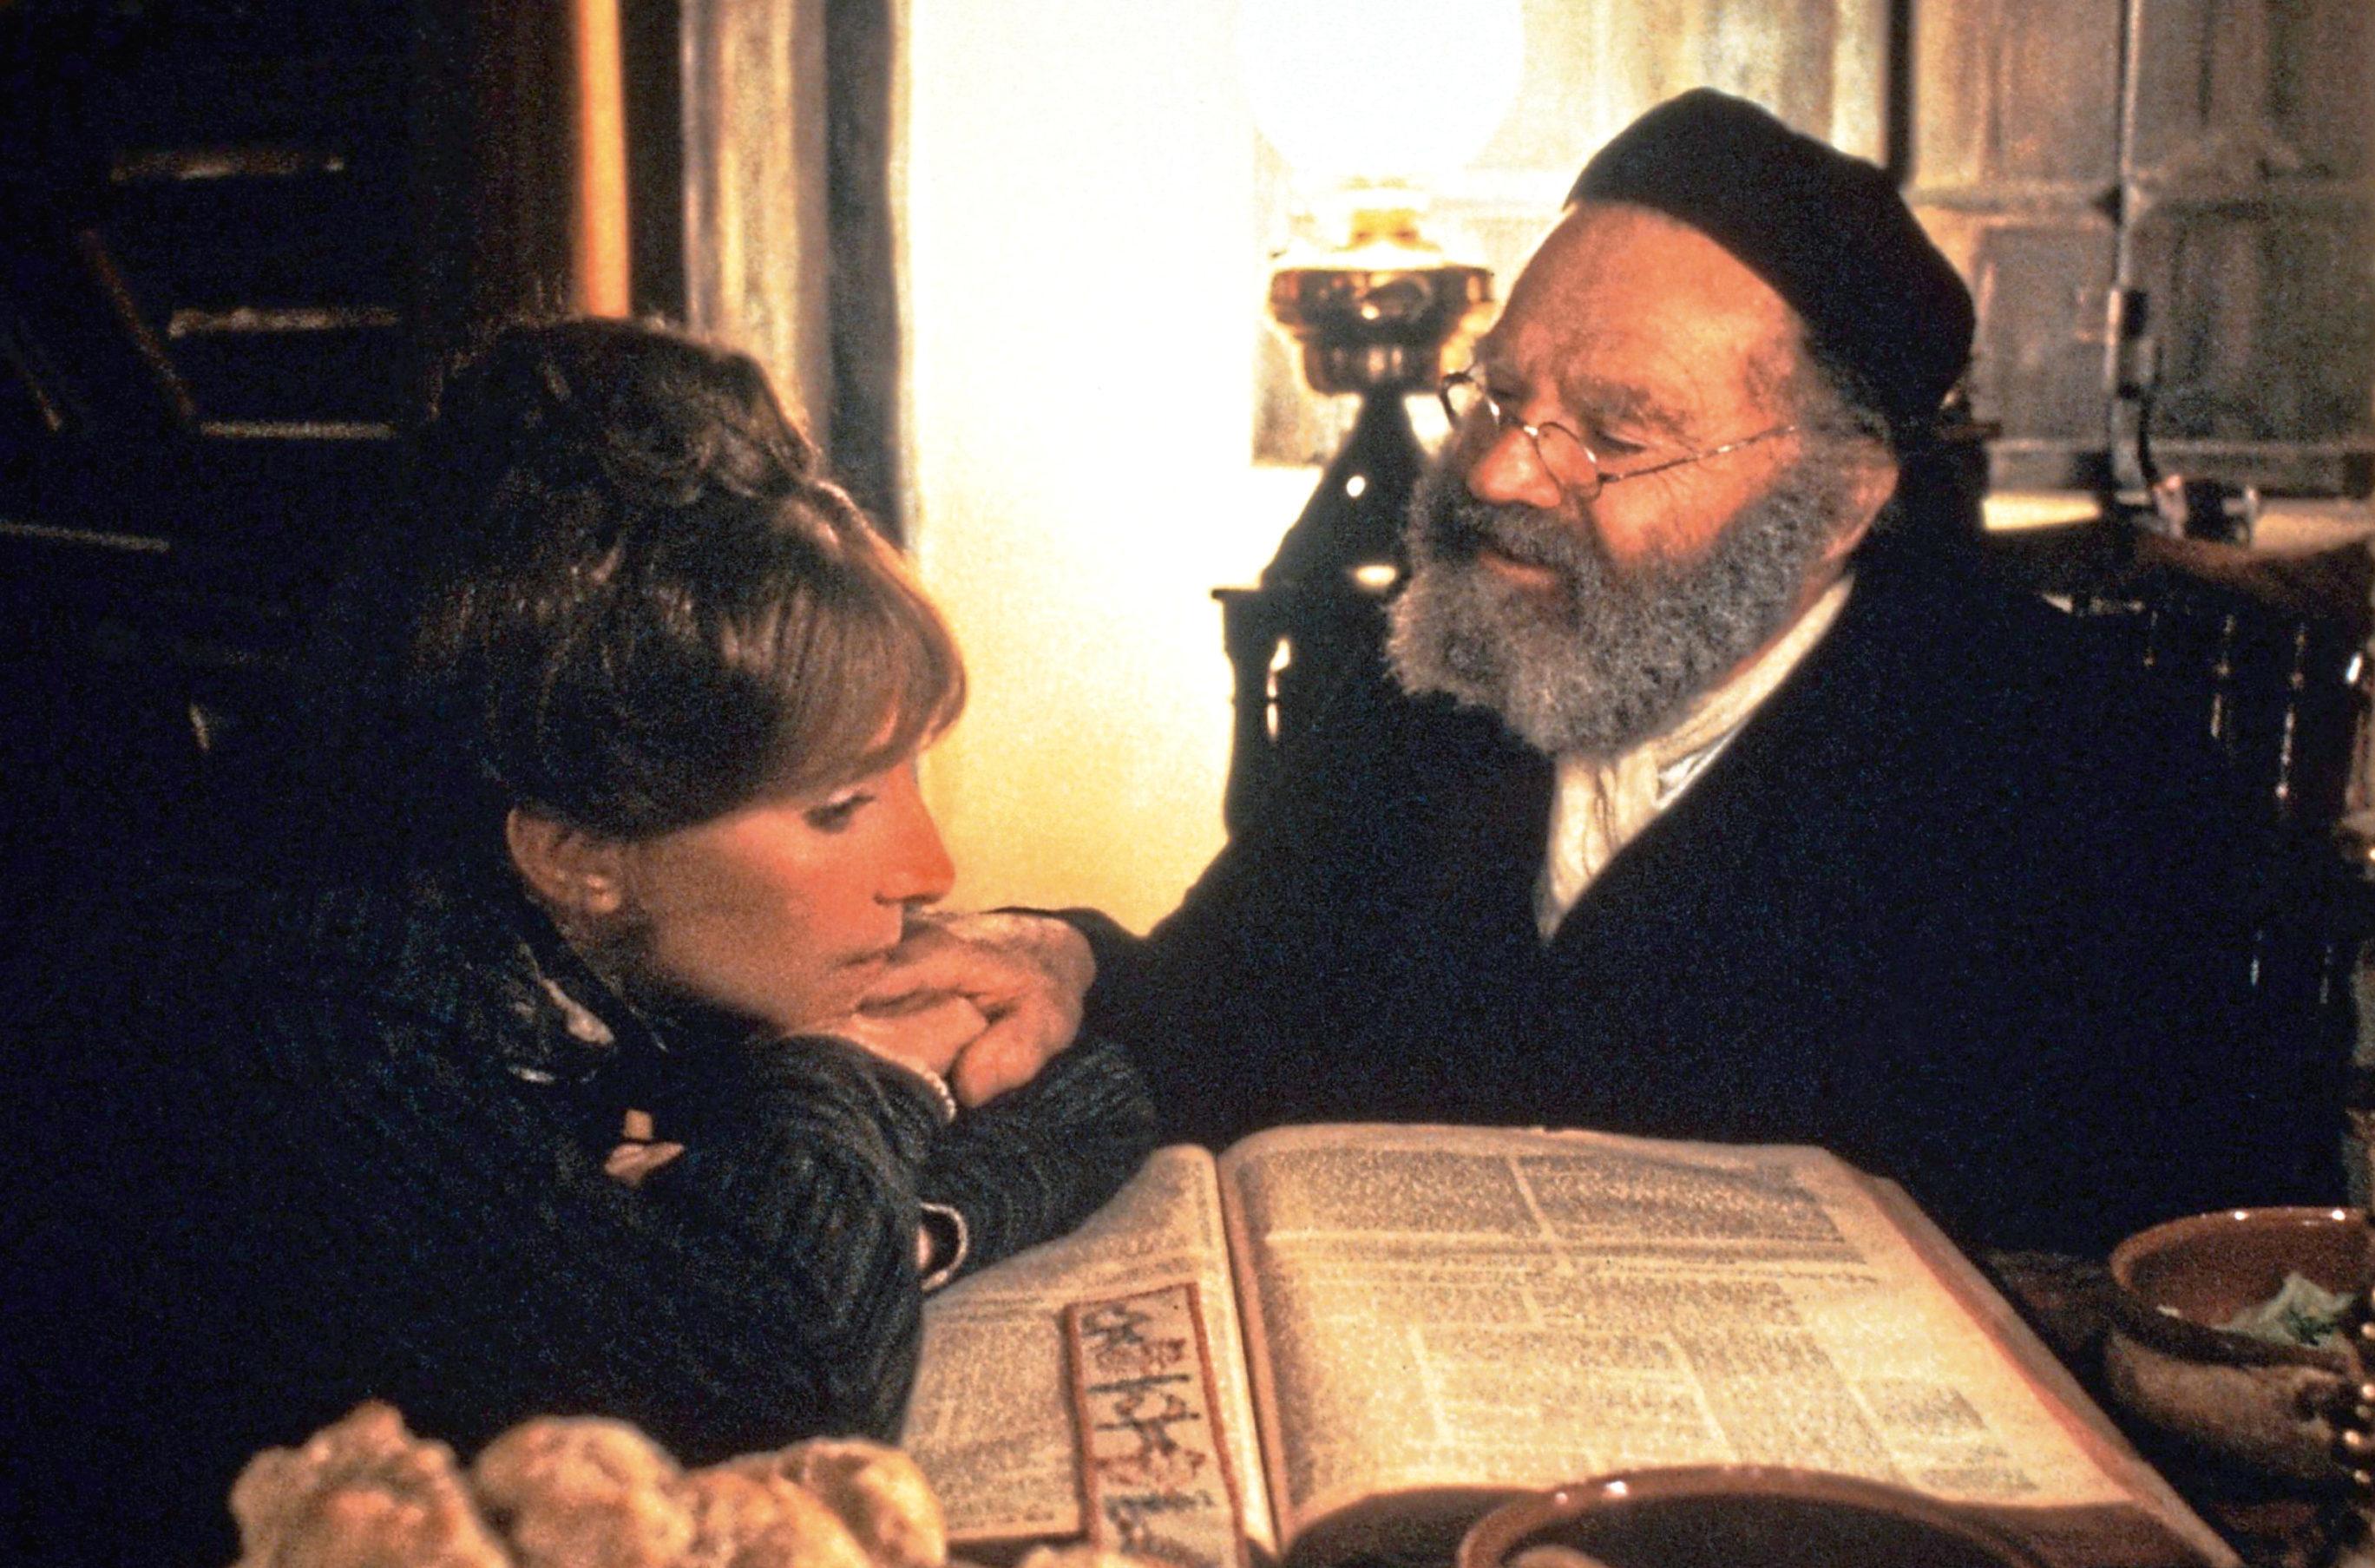 Barbra Streisand and Nehemiah Persoff in Yentl